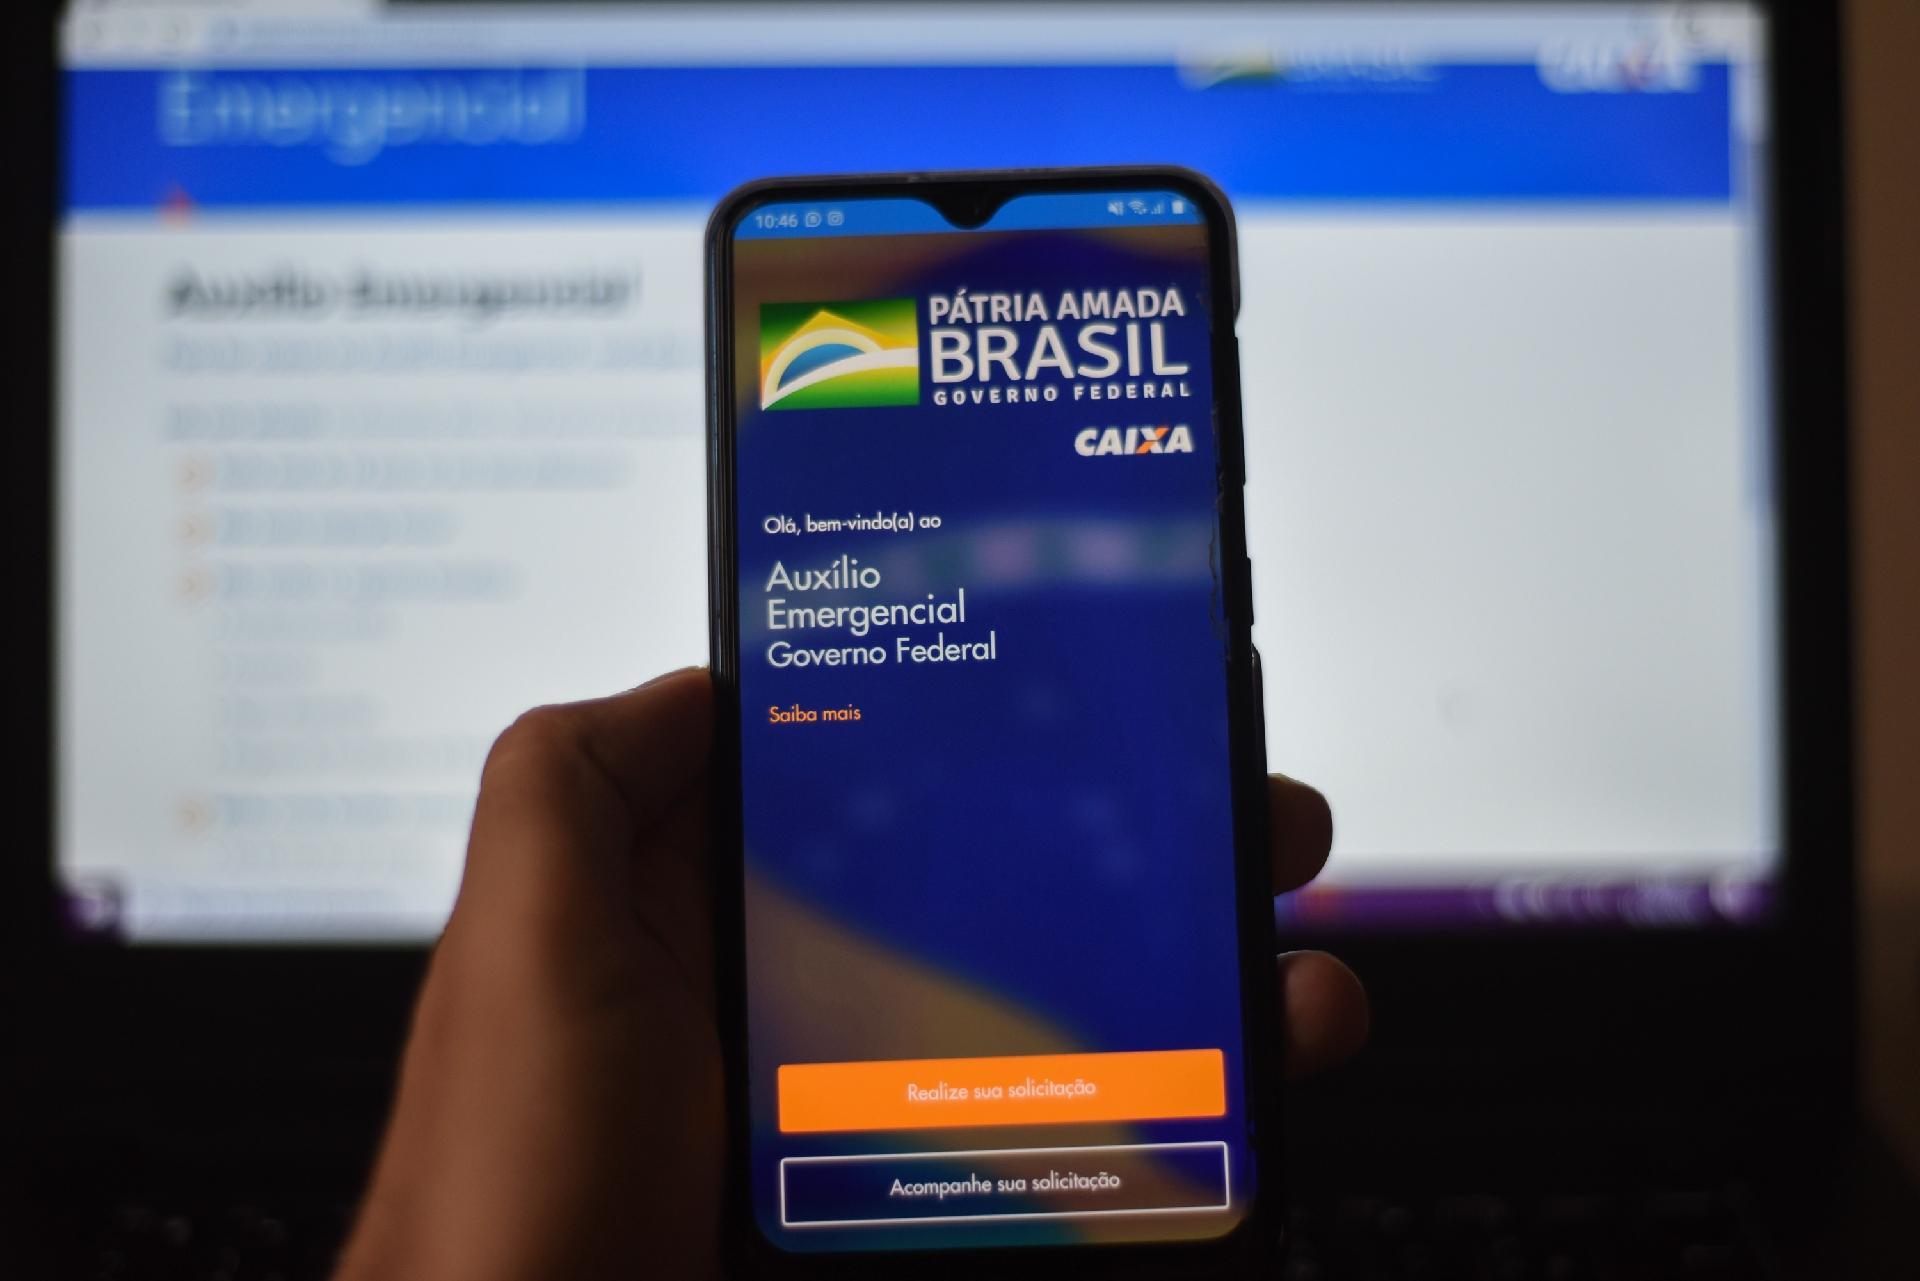 Caixa deposita auxílio emergencial a 3,4 milhões nascidos em agosto